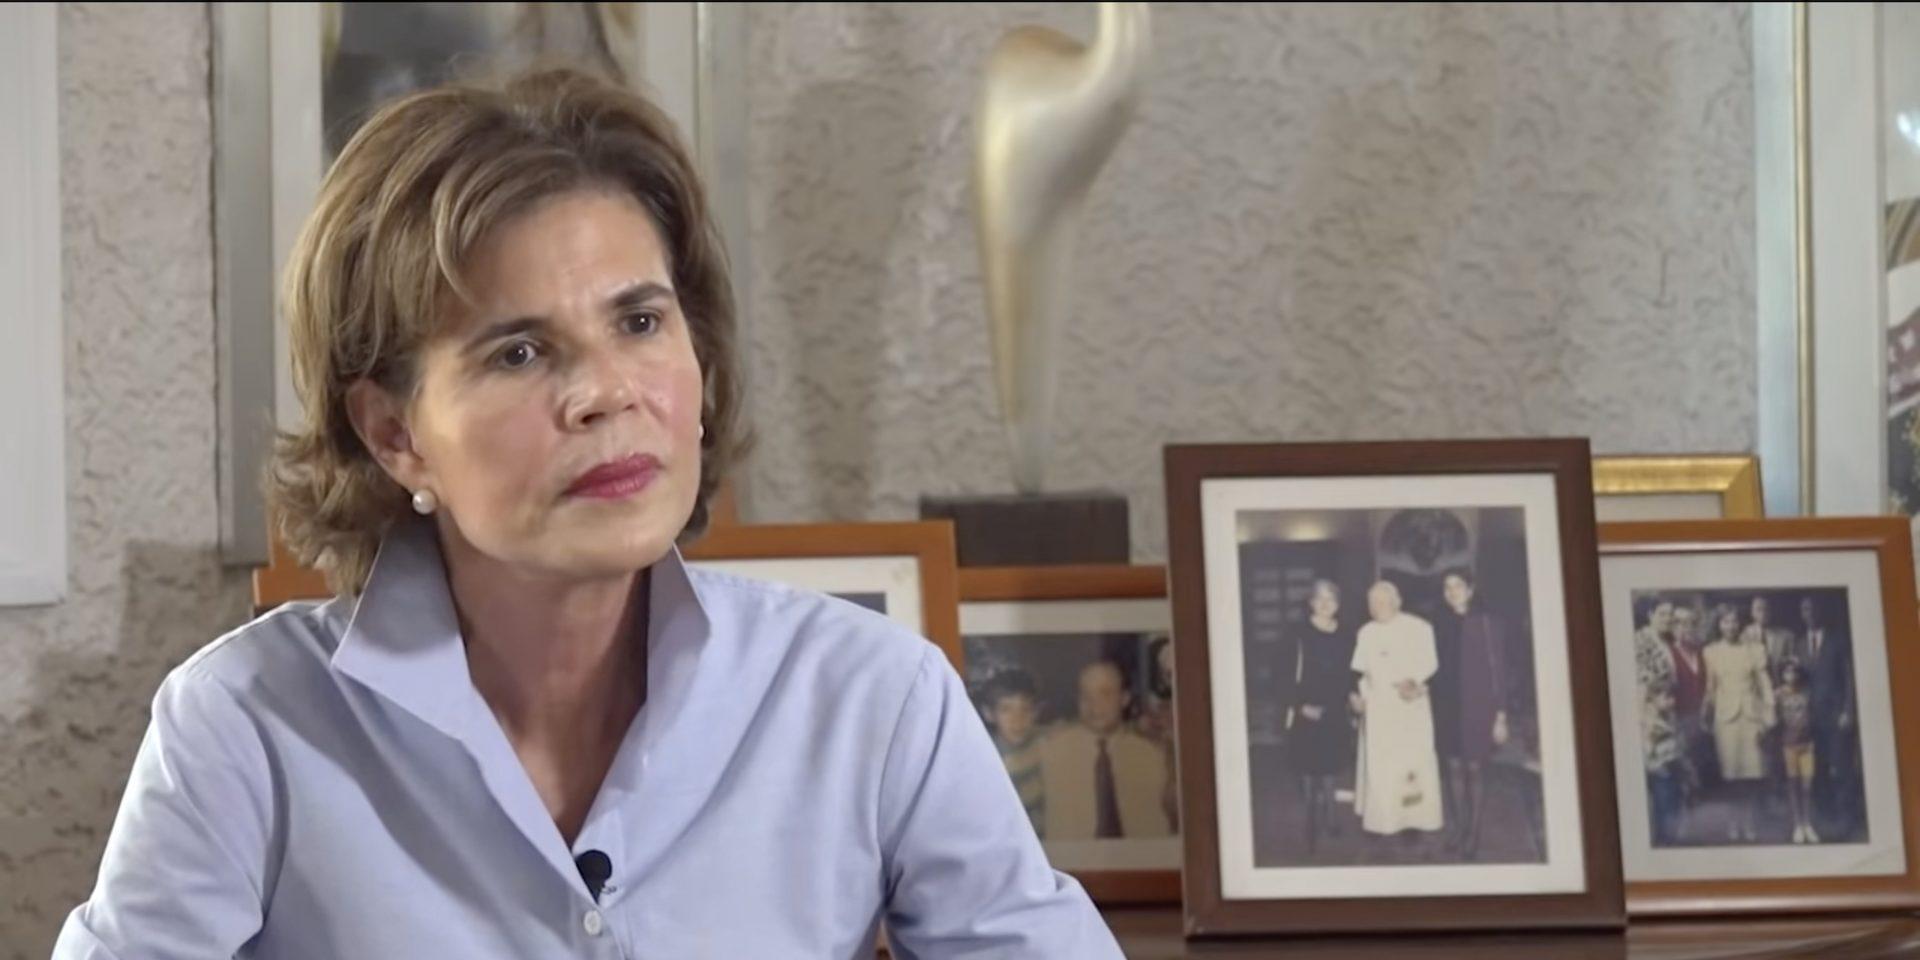 Den 10 maj gjorde Cristiana Barrios de Chamorro en tv-intervju med Confidencial, i Nicaragua där hon tydligt lade fram sina planer för att ställa upp i valet. Bilden är en skärmdump från intervjun.